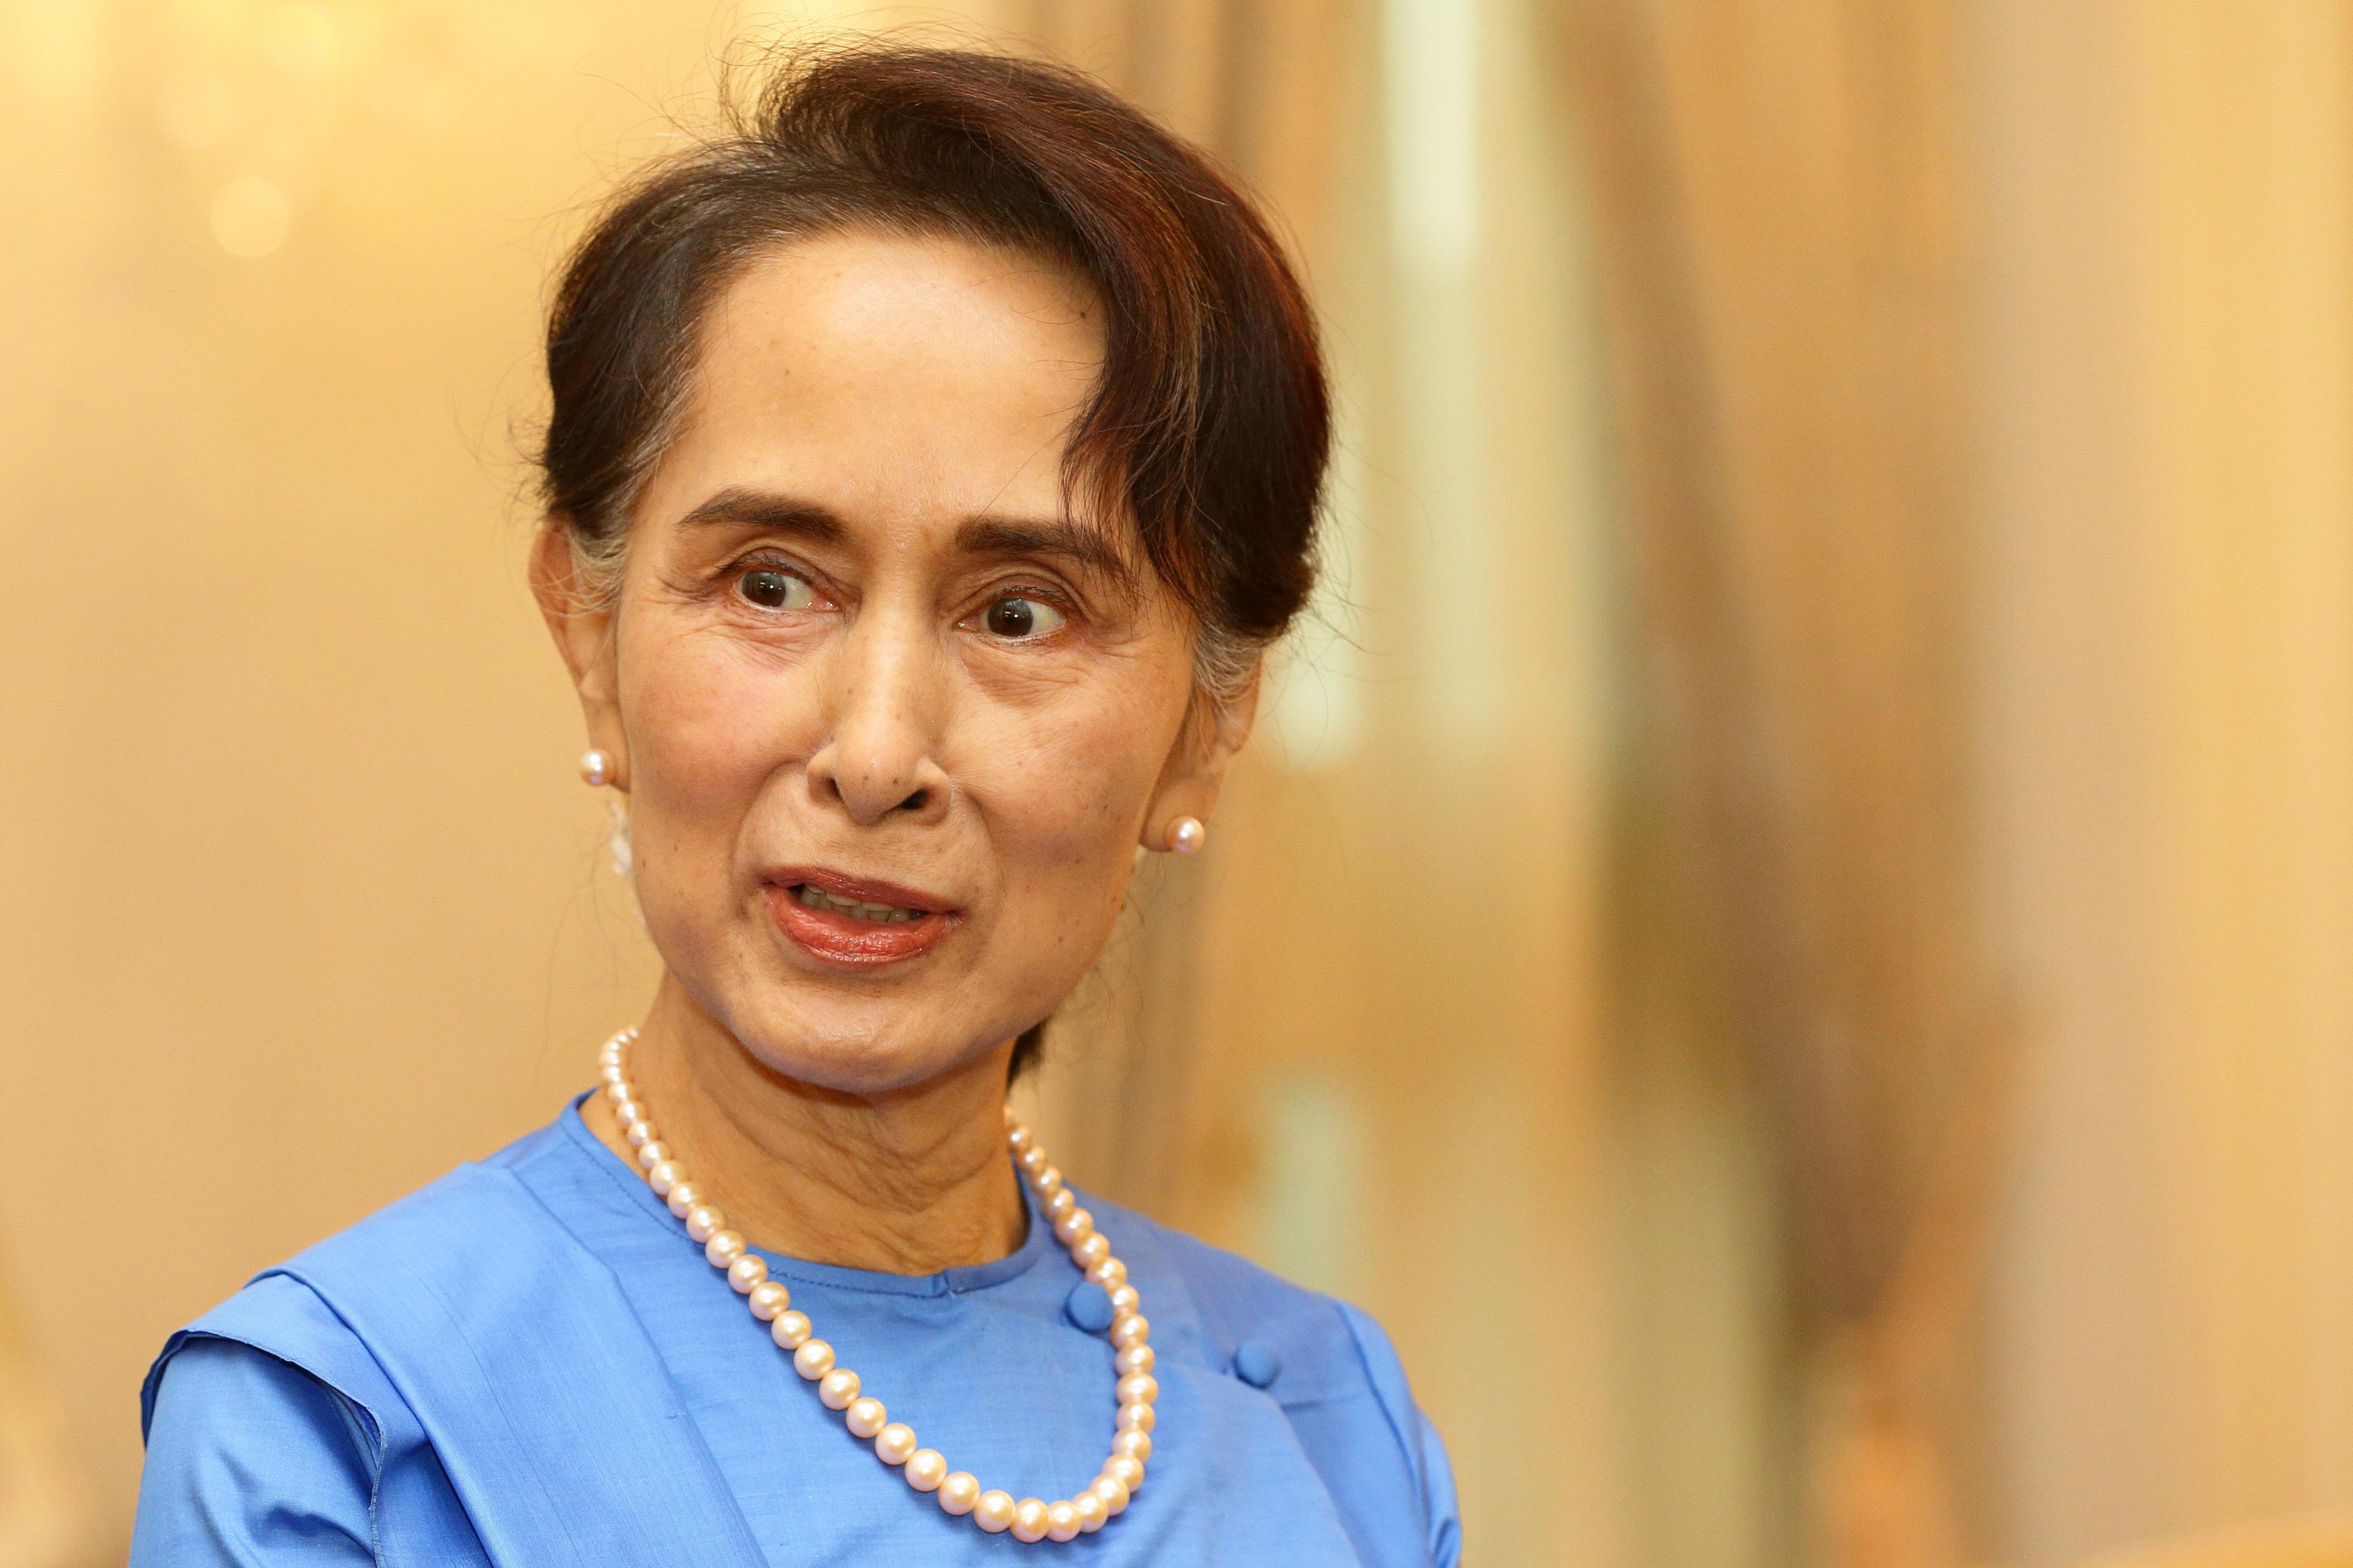 아웅산 수치가 로힝야족 학살을 취재한 로이터 통신 기자들의 체포를